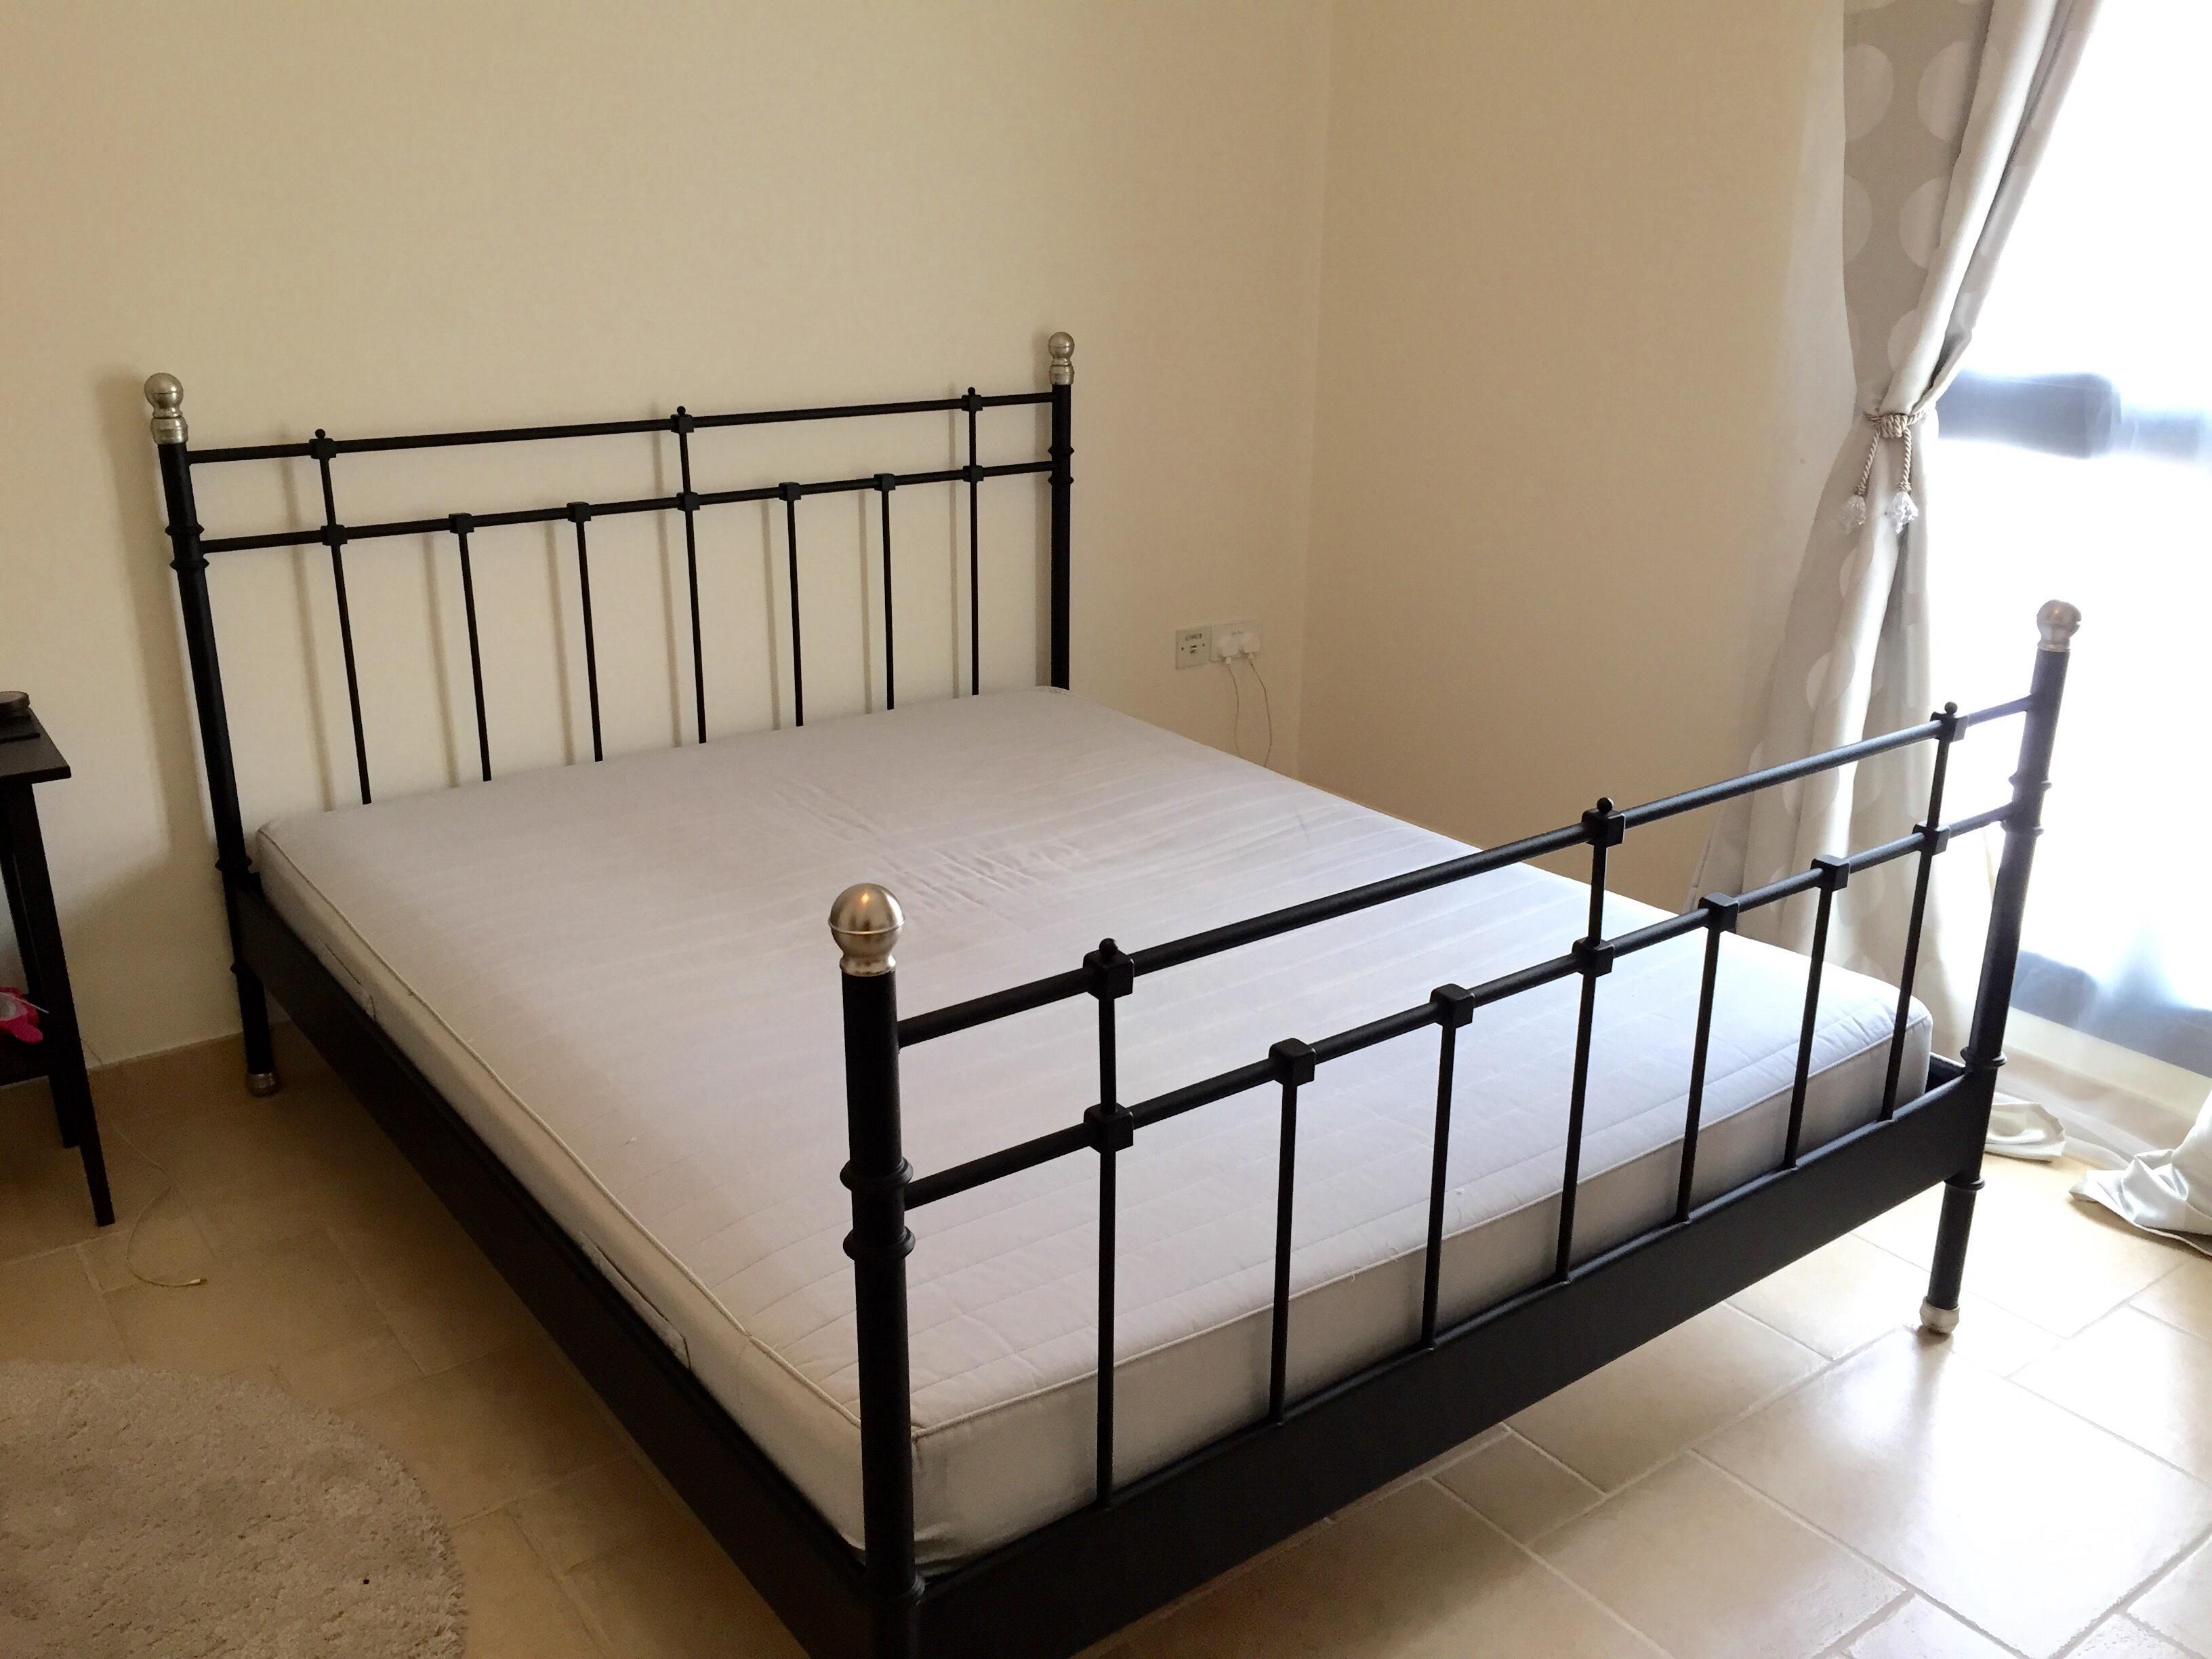 ikea svelvik bed 160 x200 frame and mattress for sale. Black Bedroom Furniture Sets. Home Design Ideas